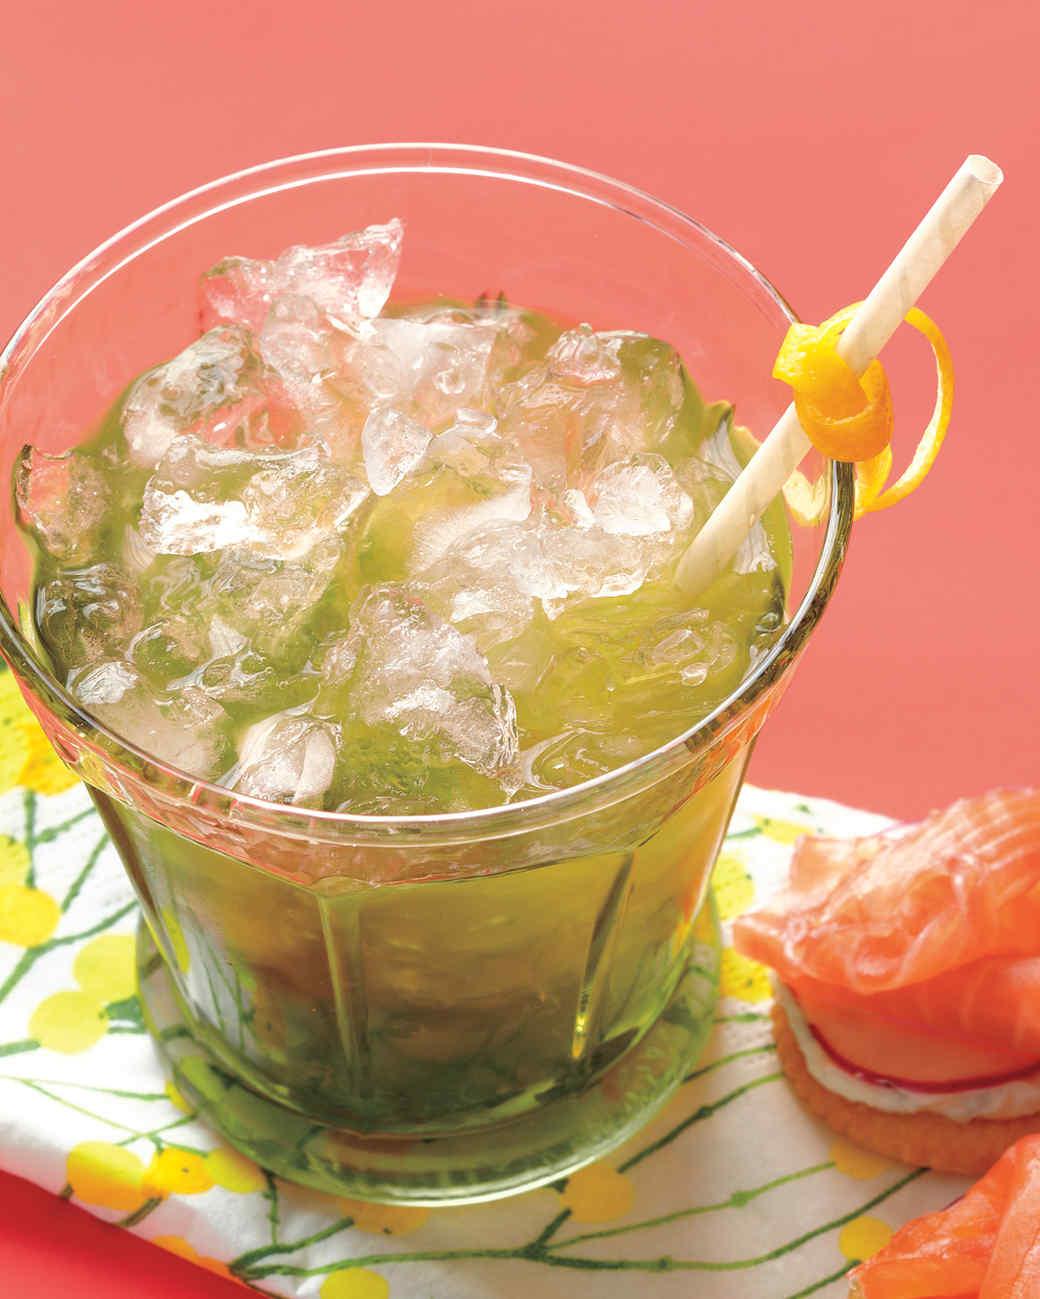 lemon-mint-julep-med108373.jpg